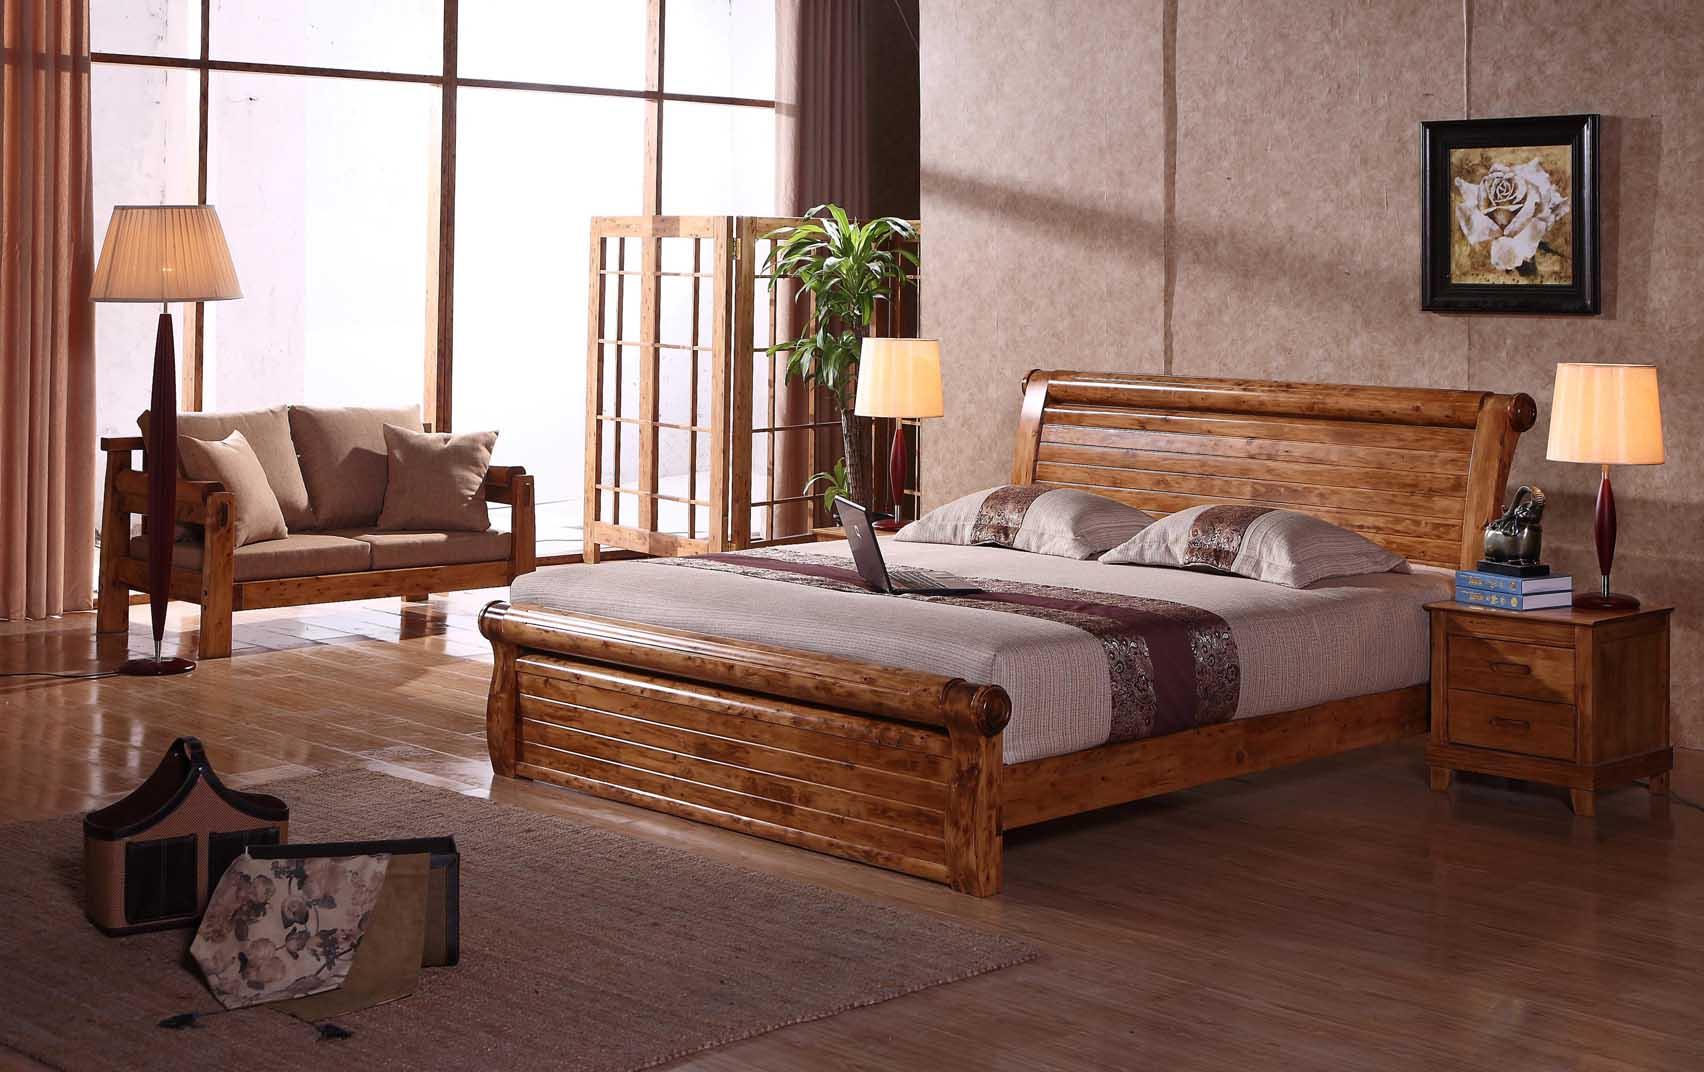 柏木床好吗